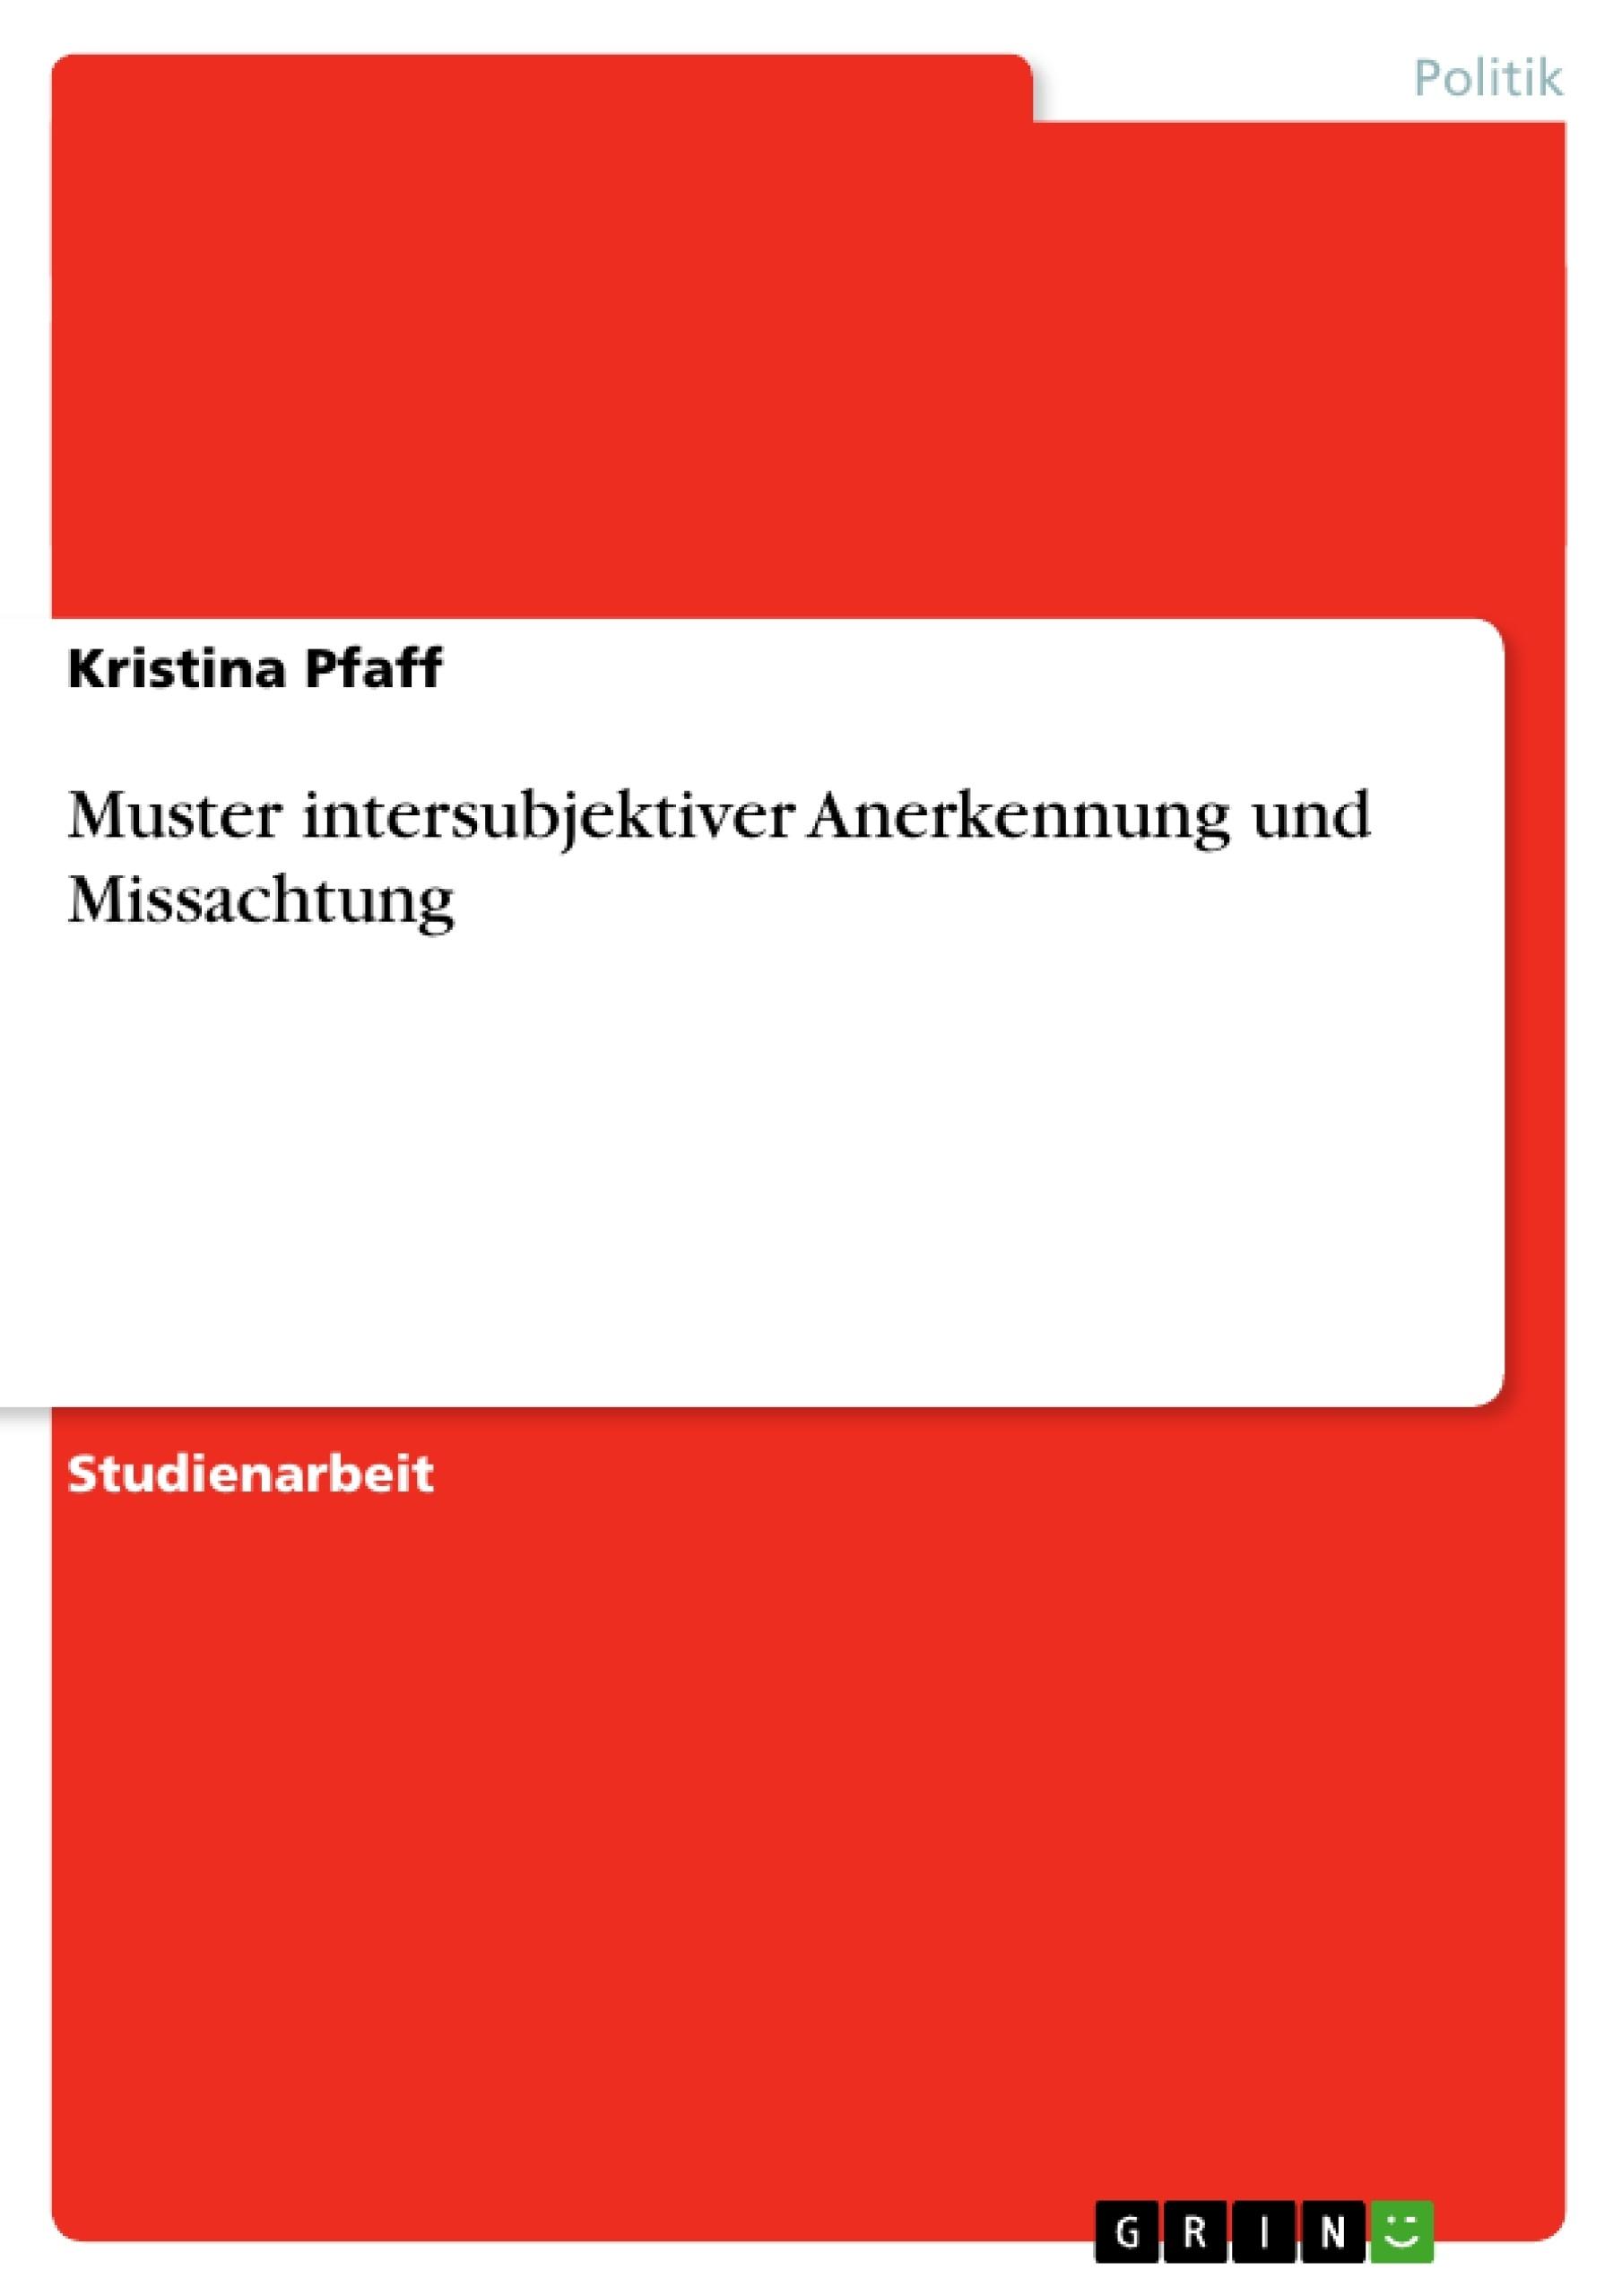 Titel: Muster intersubjektiver Anerkennung und Missachtung